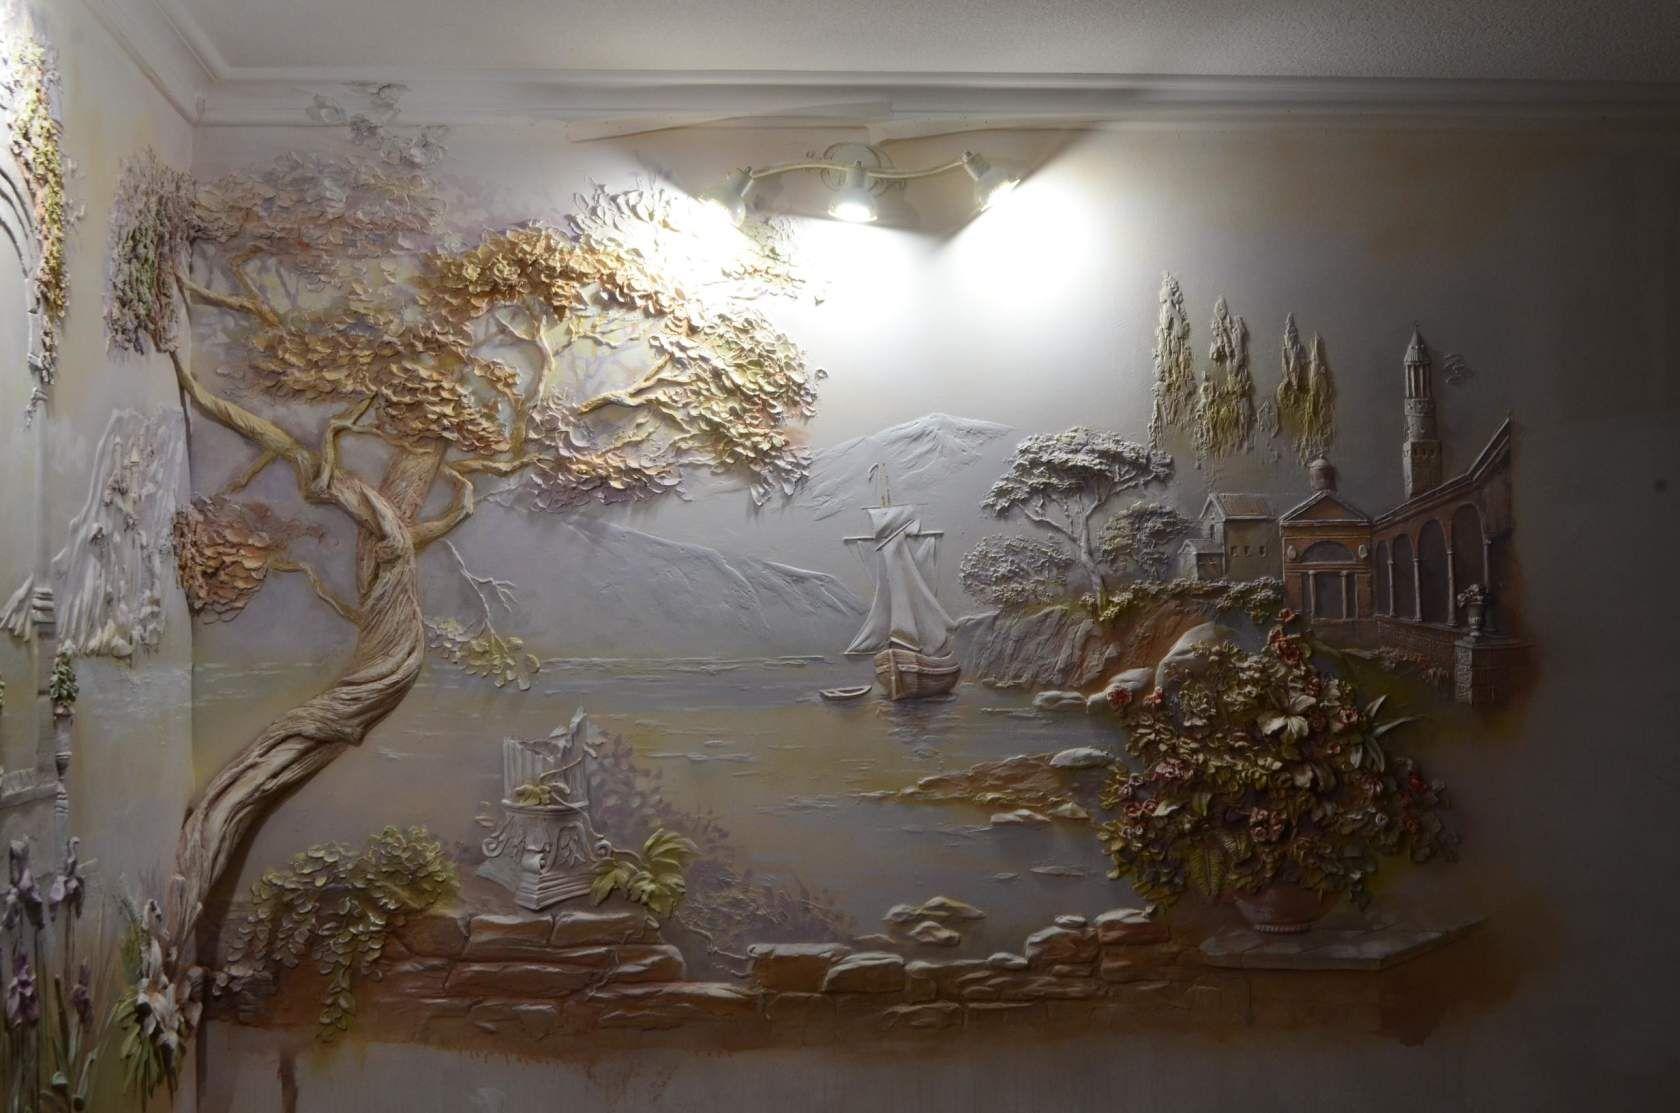 Картины своими руками | мастер-класс создания современных украшений для интерьера (105 фото)